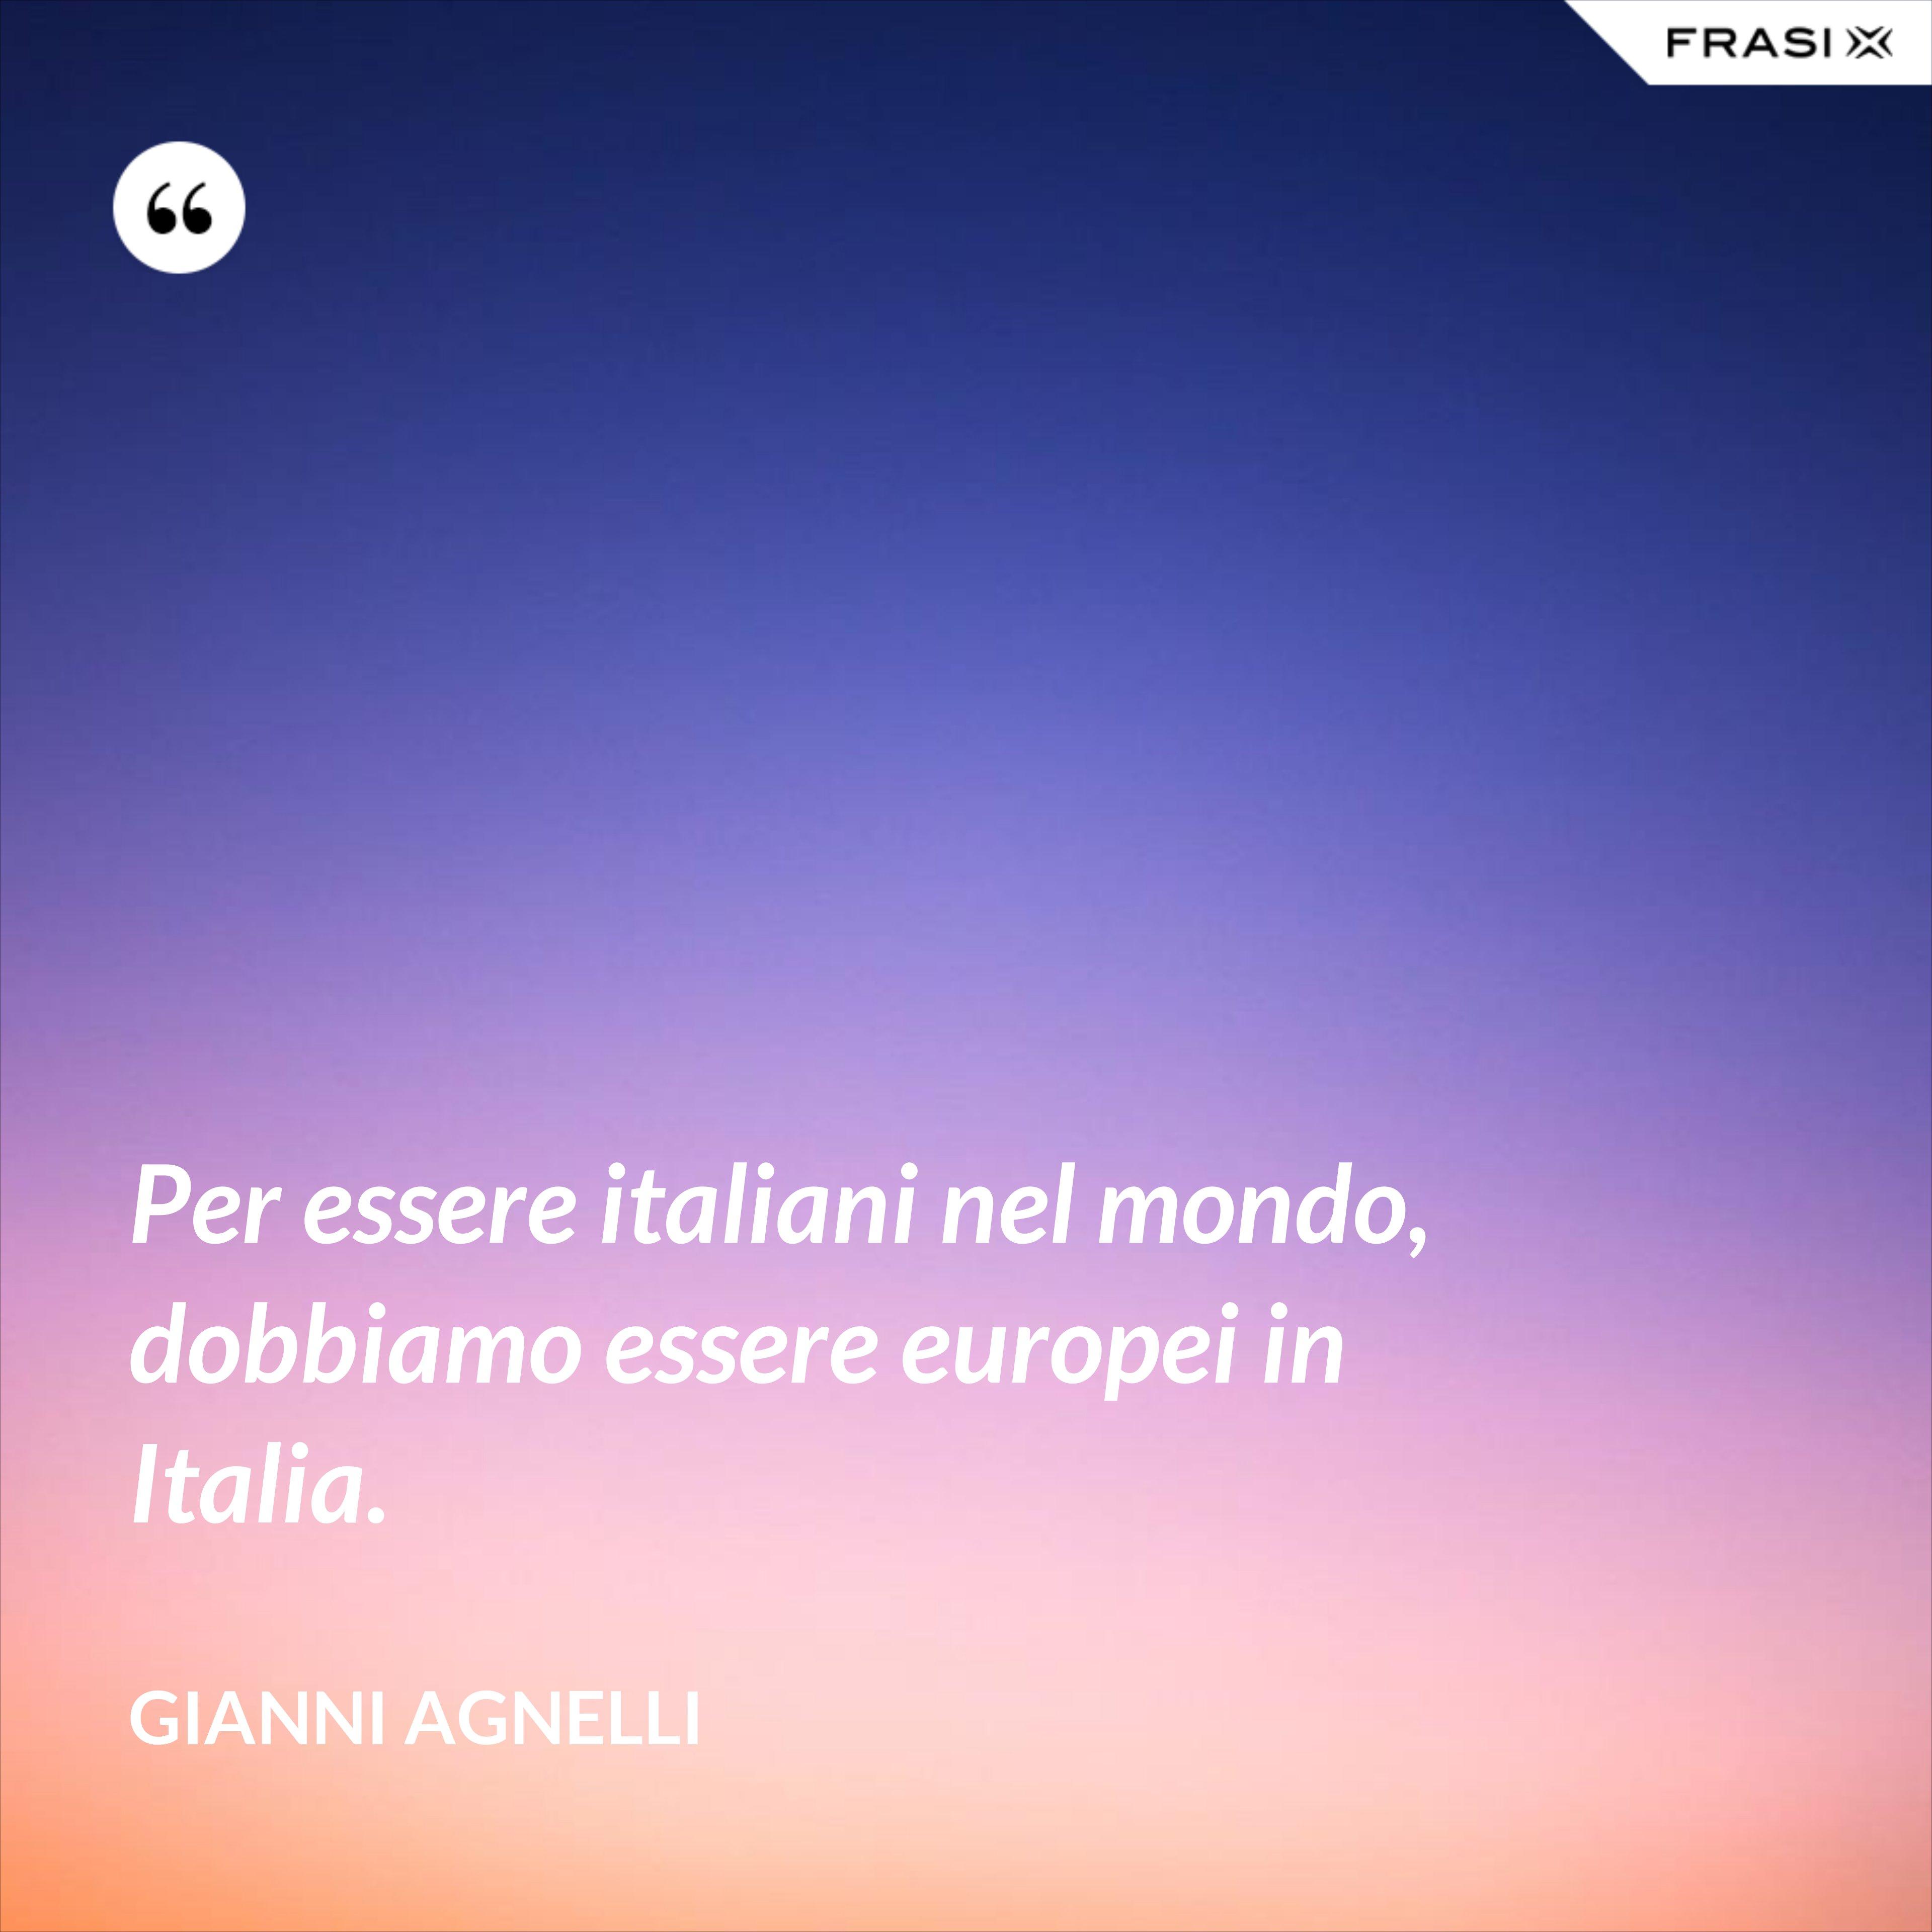 Per essere italiani nel mondo, dobbiamo essere europei in Italia. - Gianni Agnelli